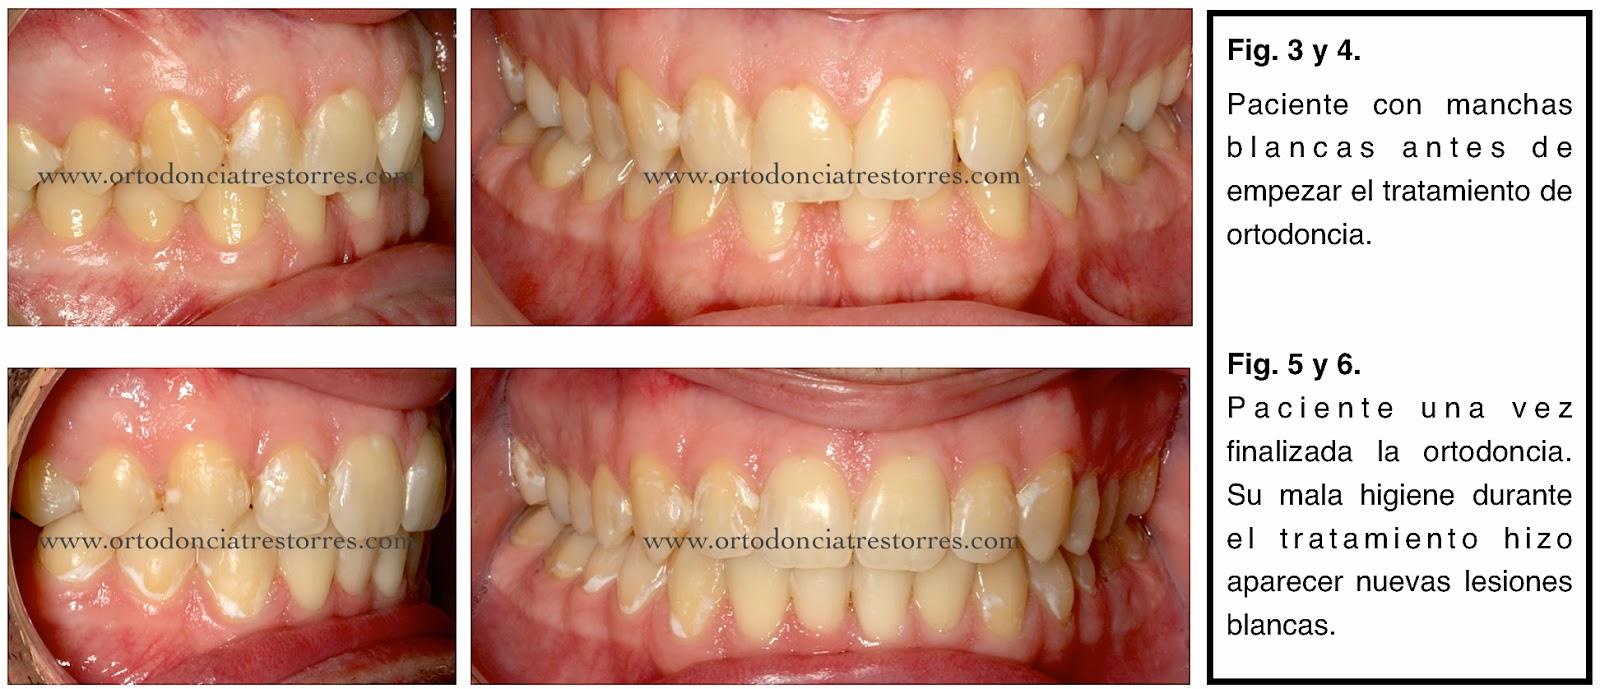 manchas-blancas-ortodoncia